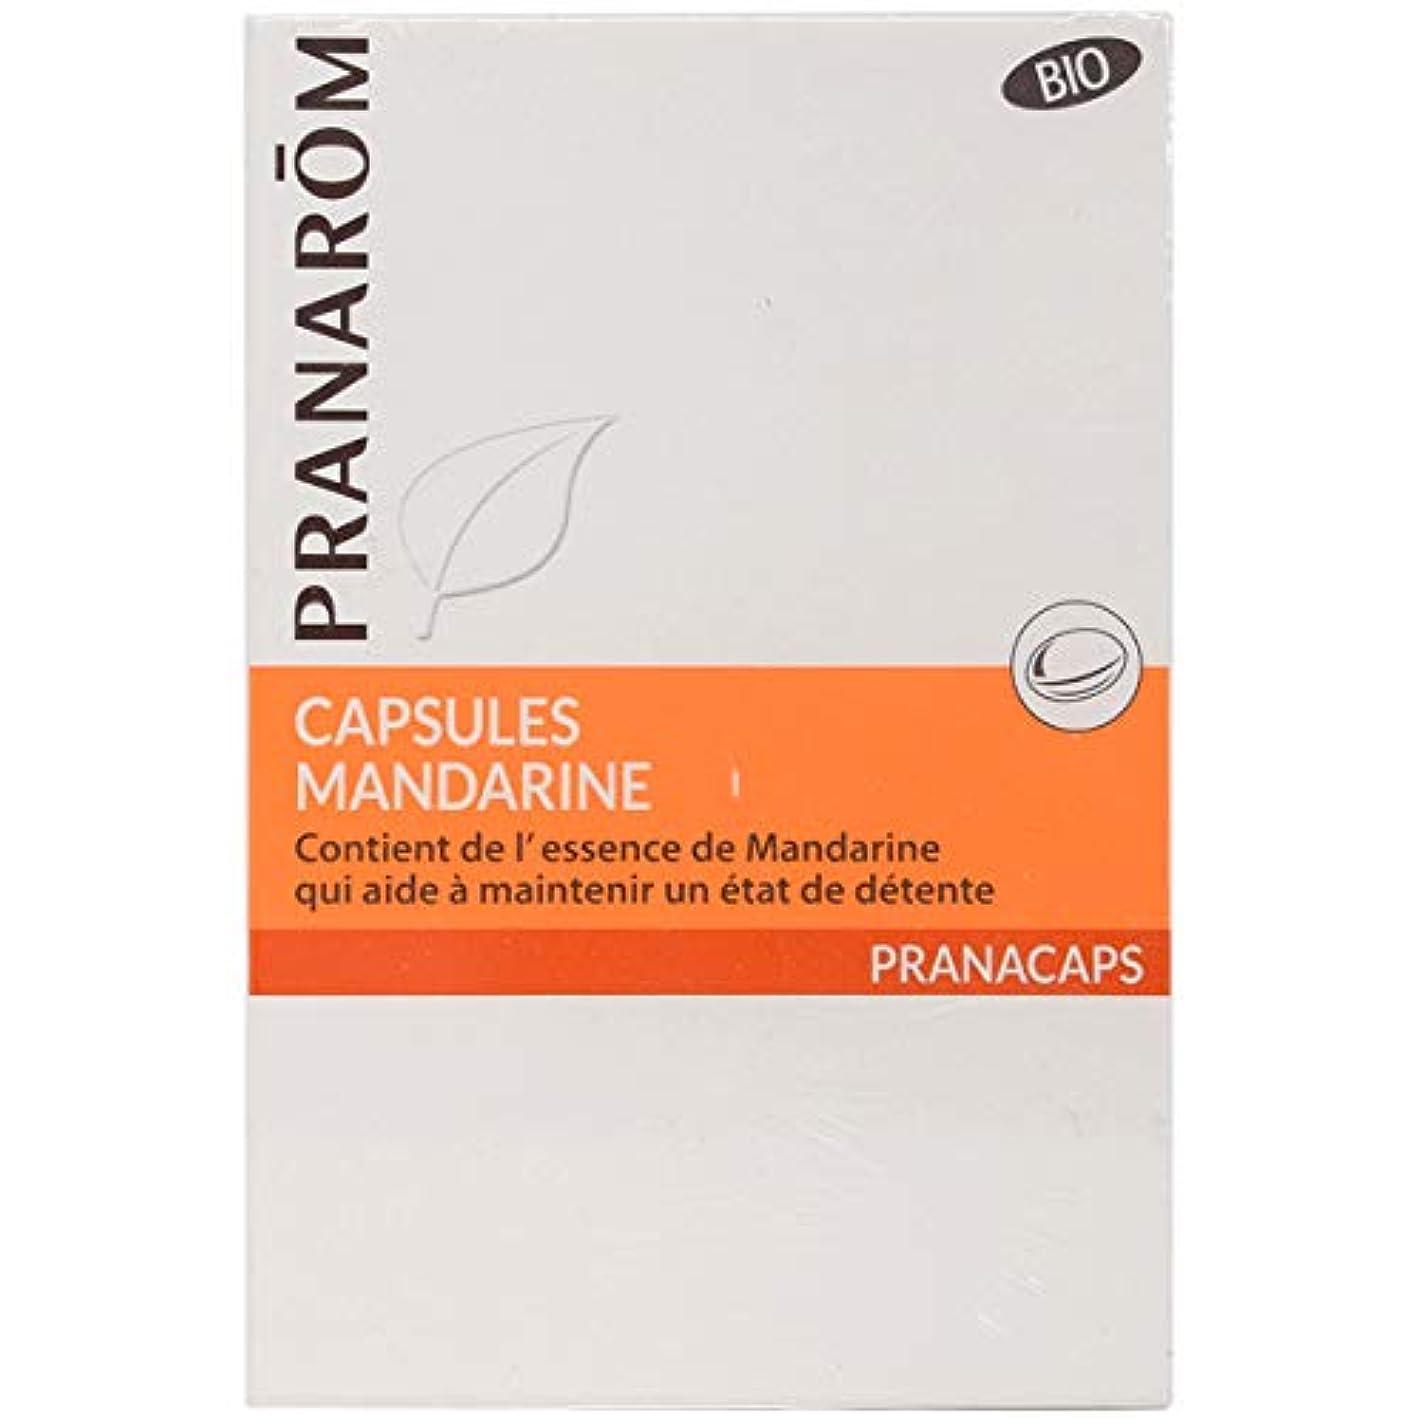 プラナロム マンダリンカプセル 30粒 (PRANAROM サプリメント)